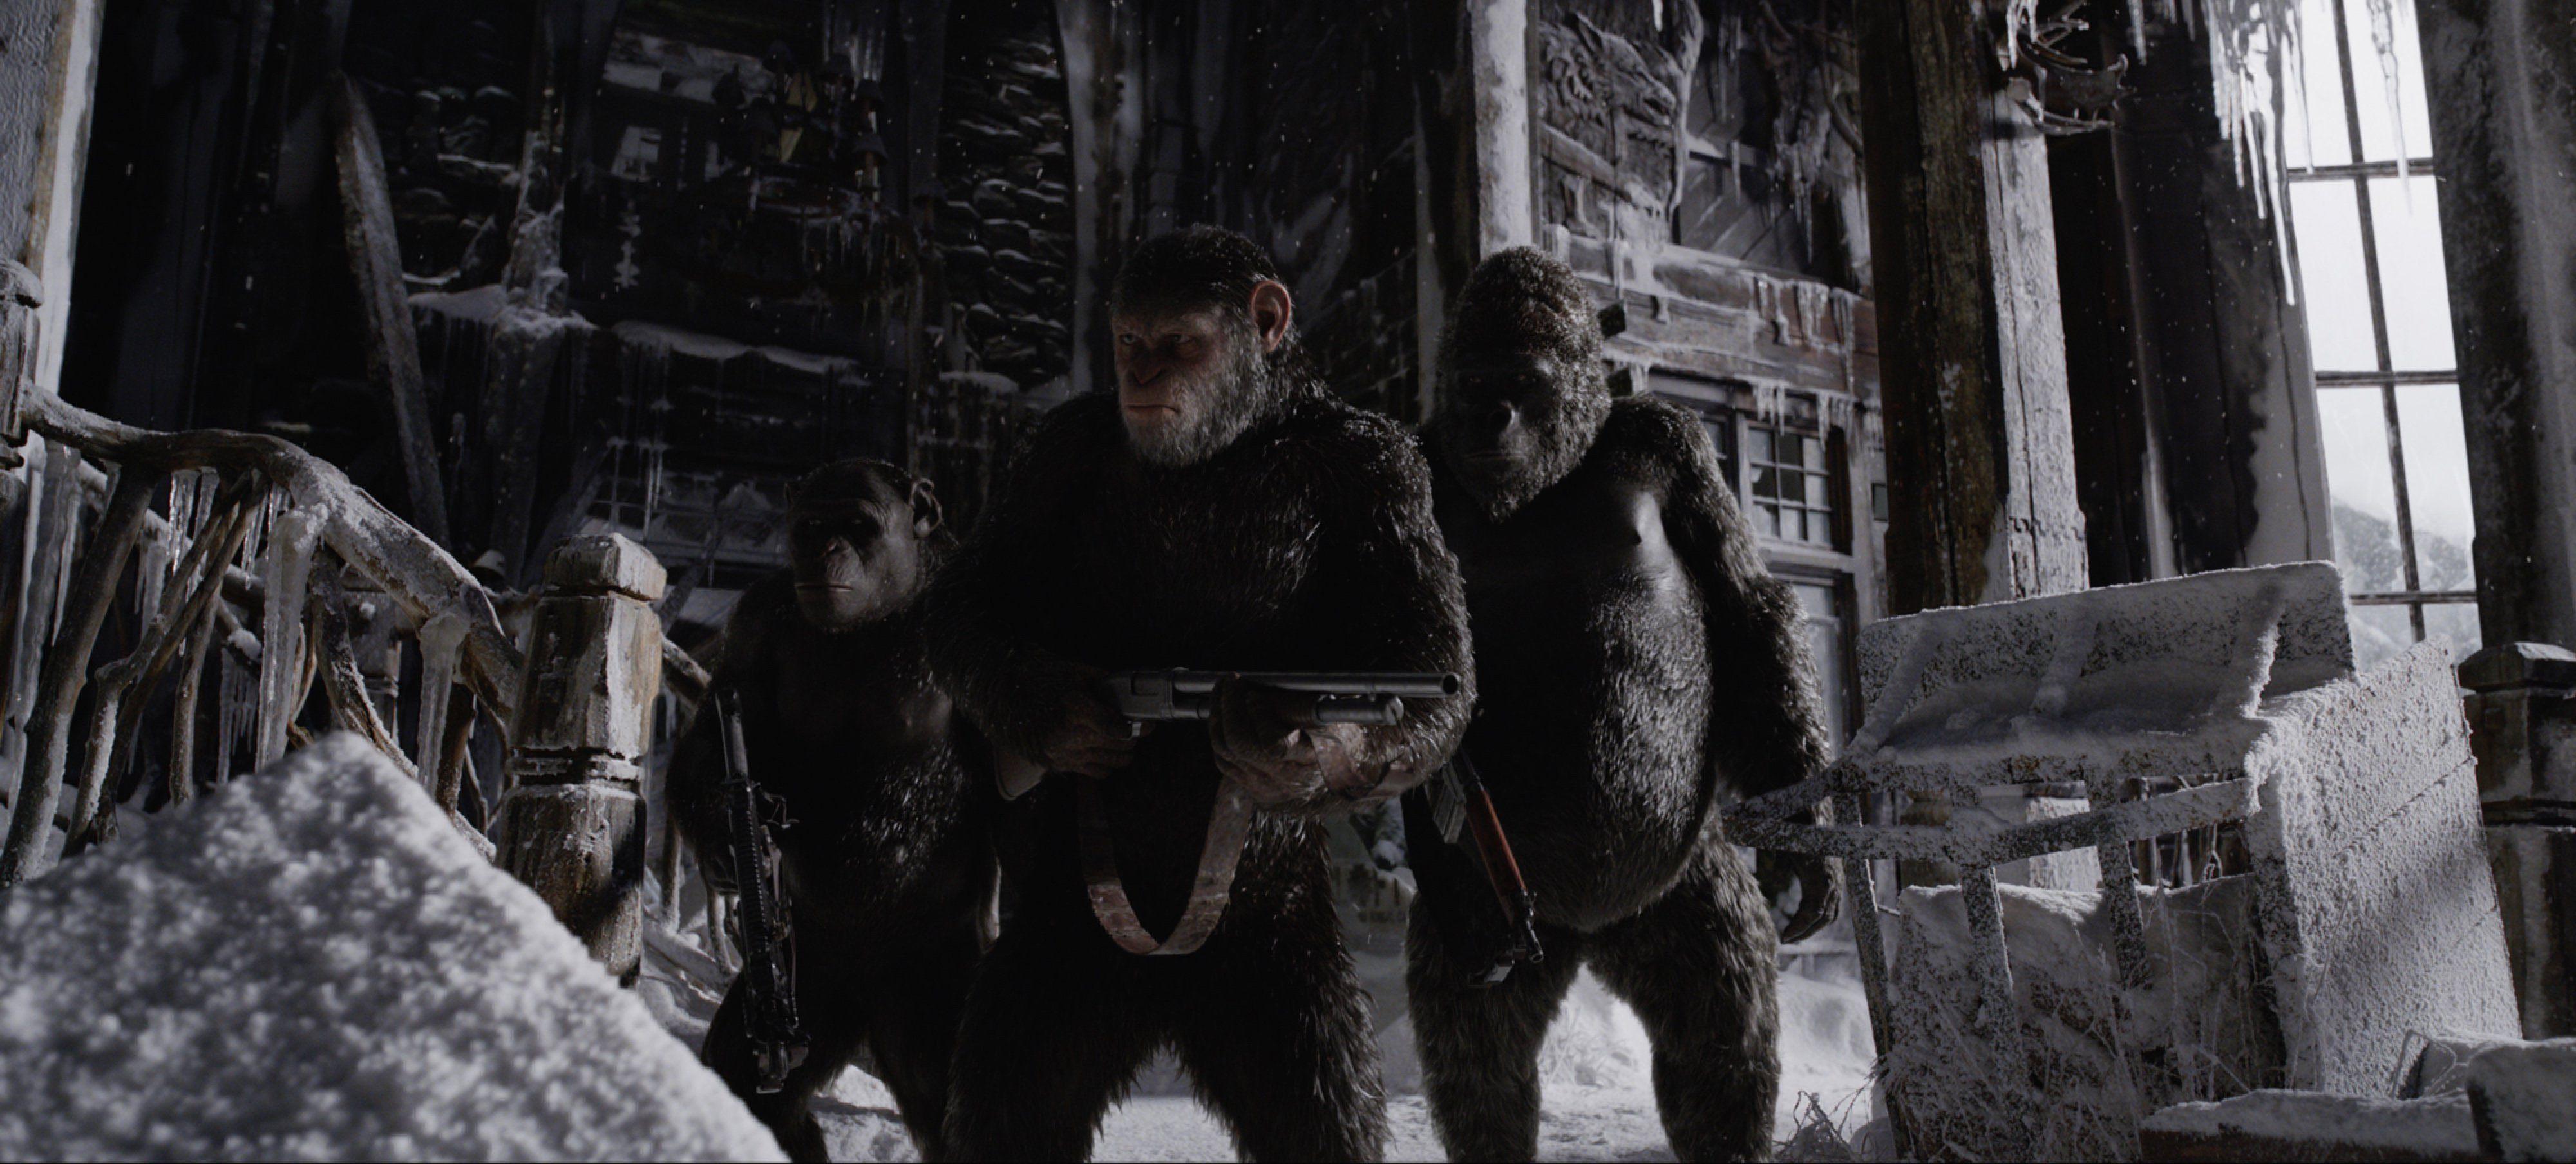 Apes at war